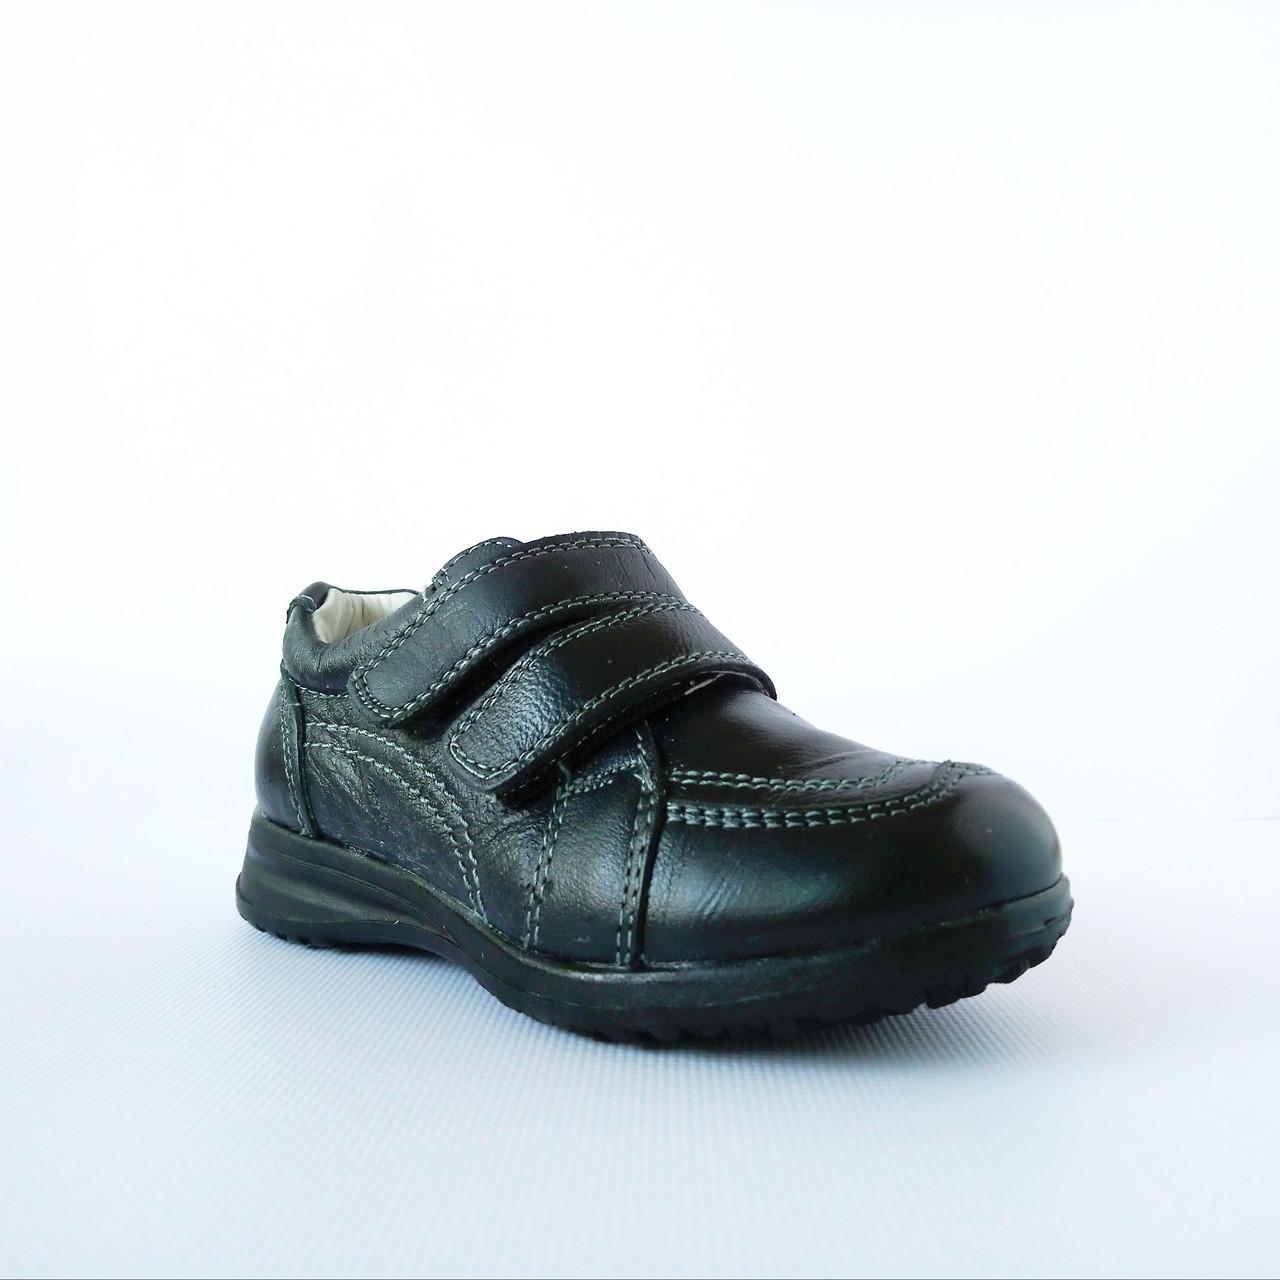 Кожаные туфли-кроссовки,  р. 26-31. Черные, демисезонные